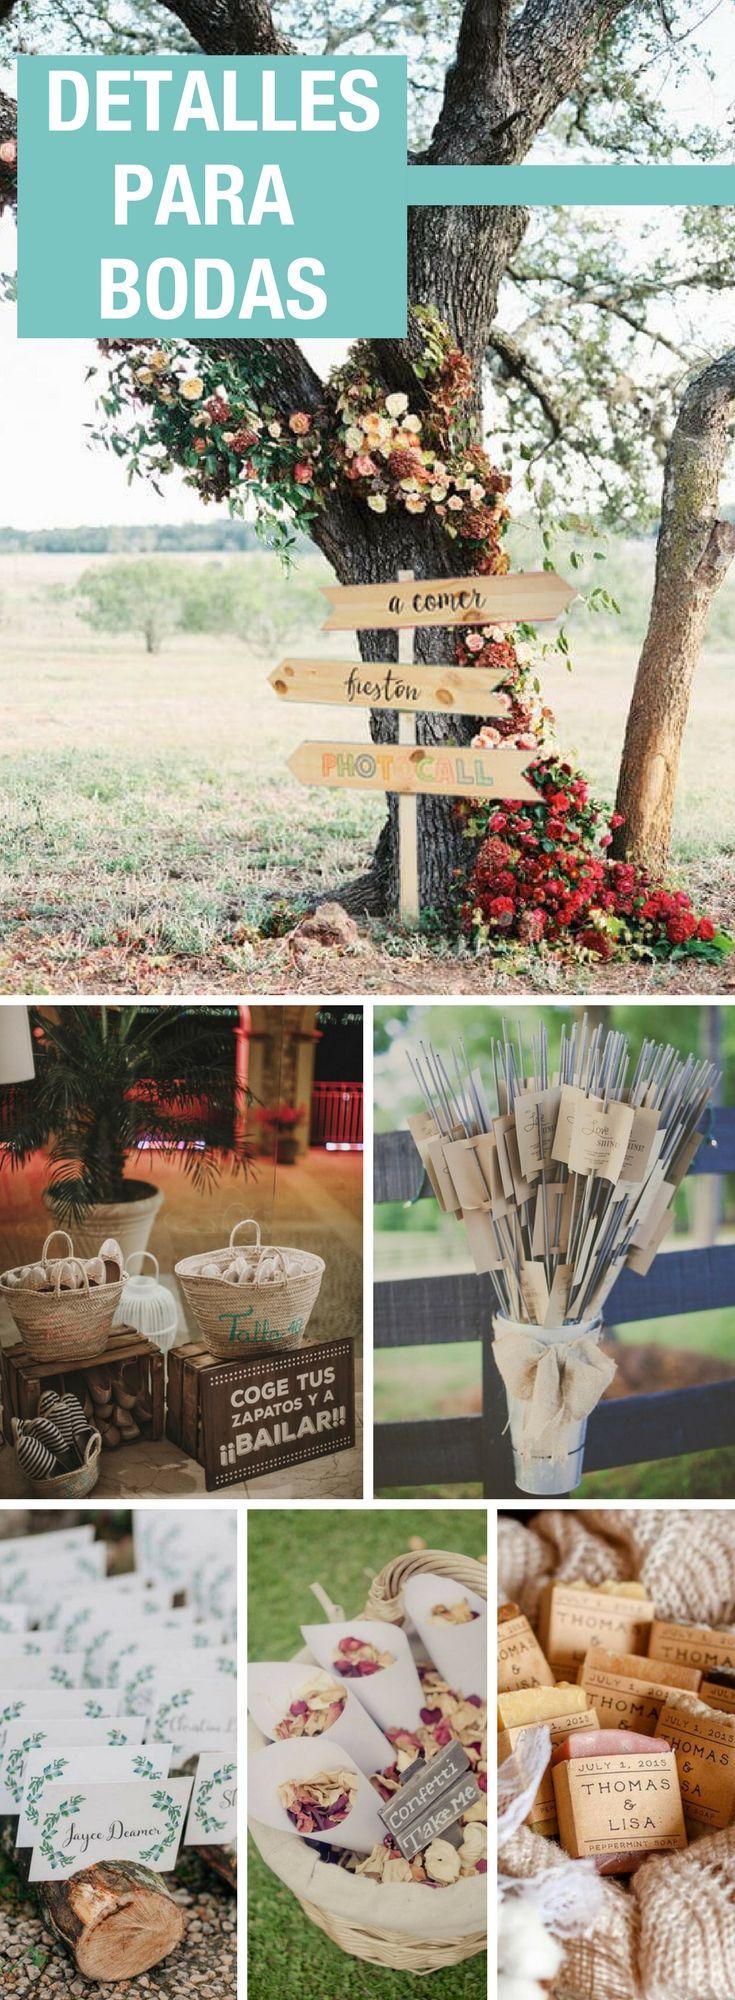 25 ideas originales para una boda increíble  – Boda fotos